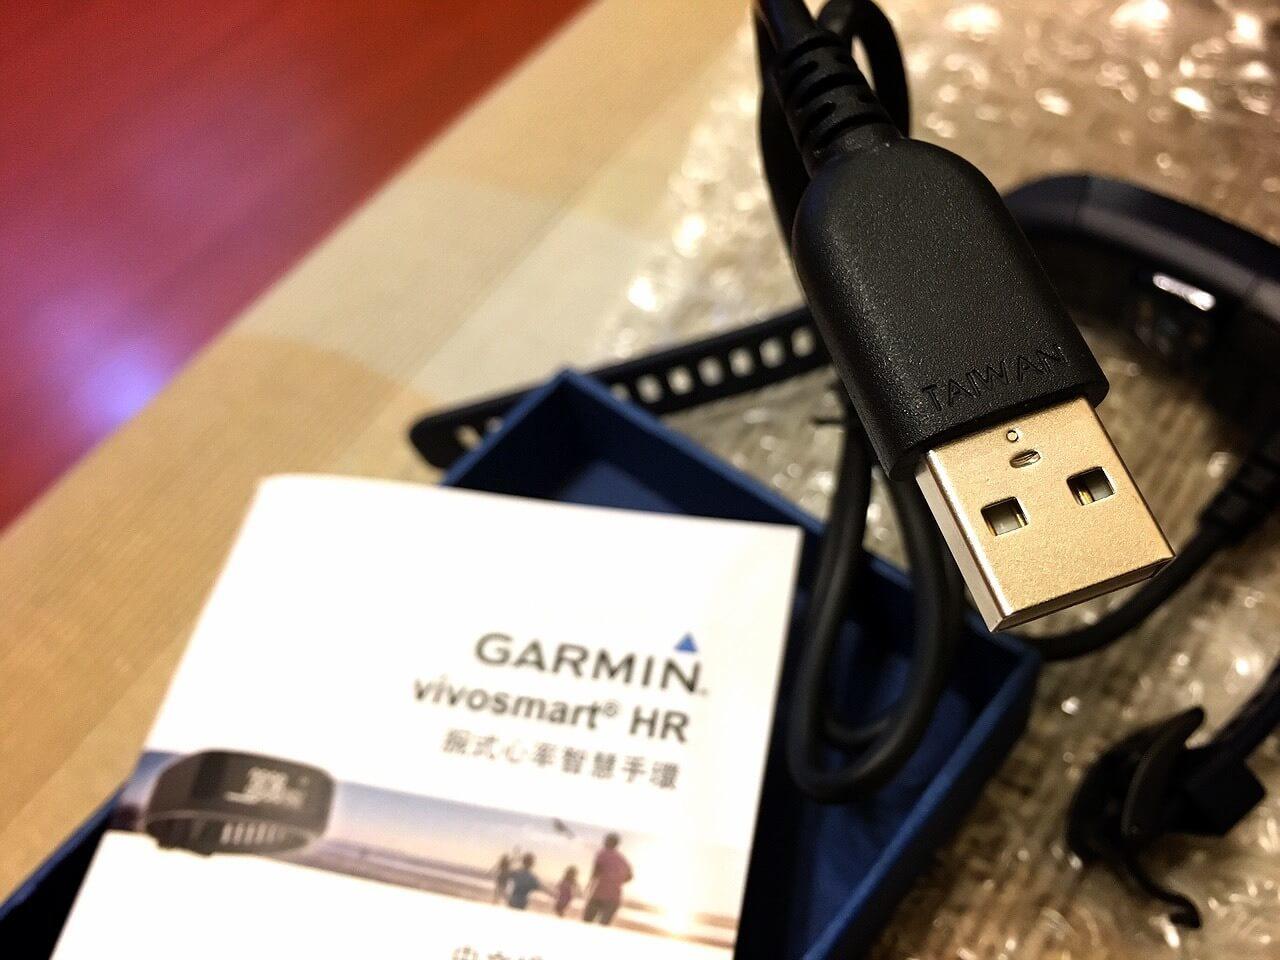 USB 端有著 TAIWAN 的字樣,這點倒是有加分